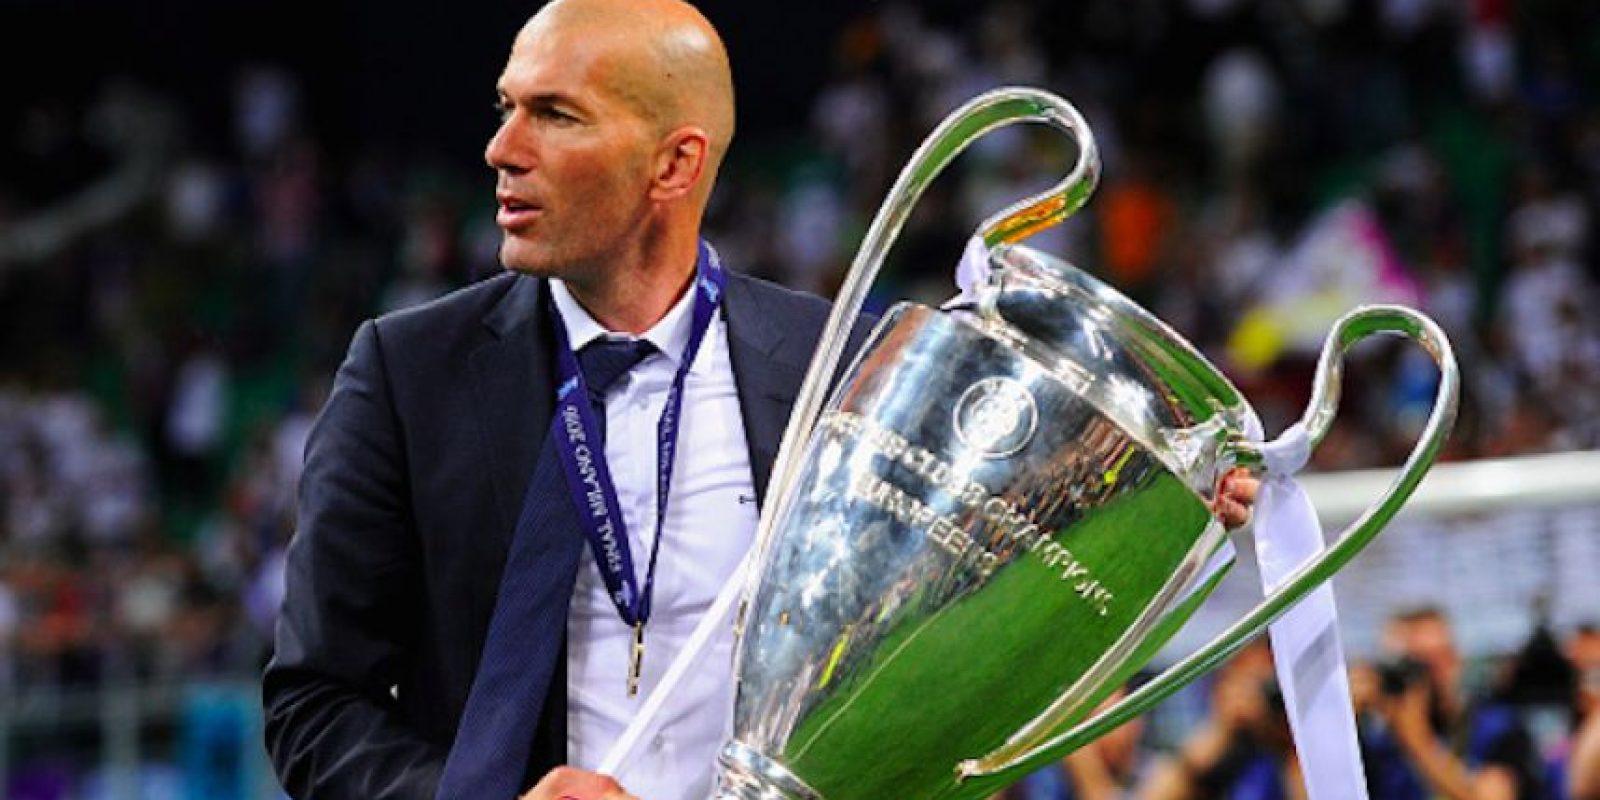 El francés conquistó la UEFA Champions League con menos de 150 días en el cargo. Foto:Getty Images